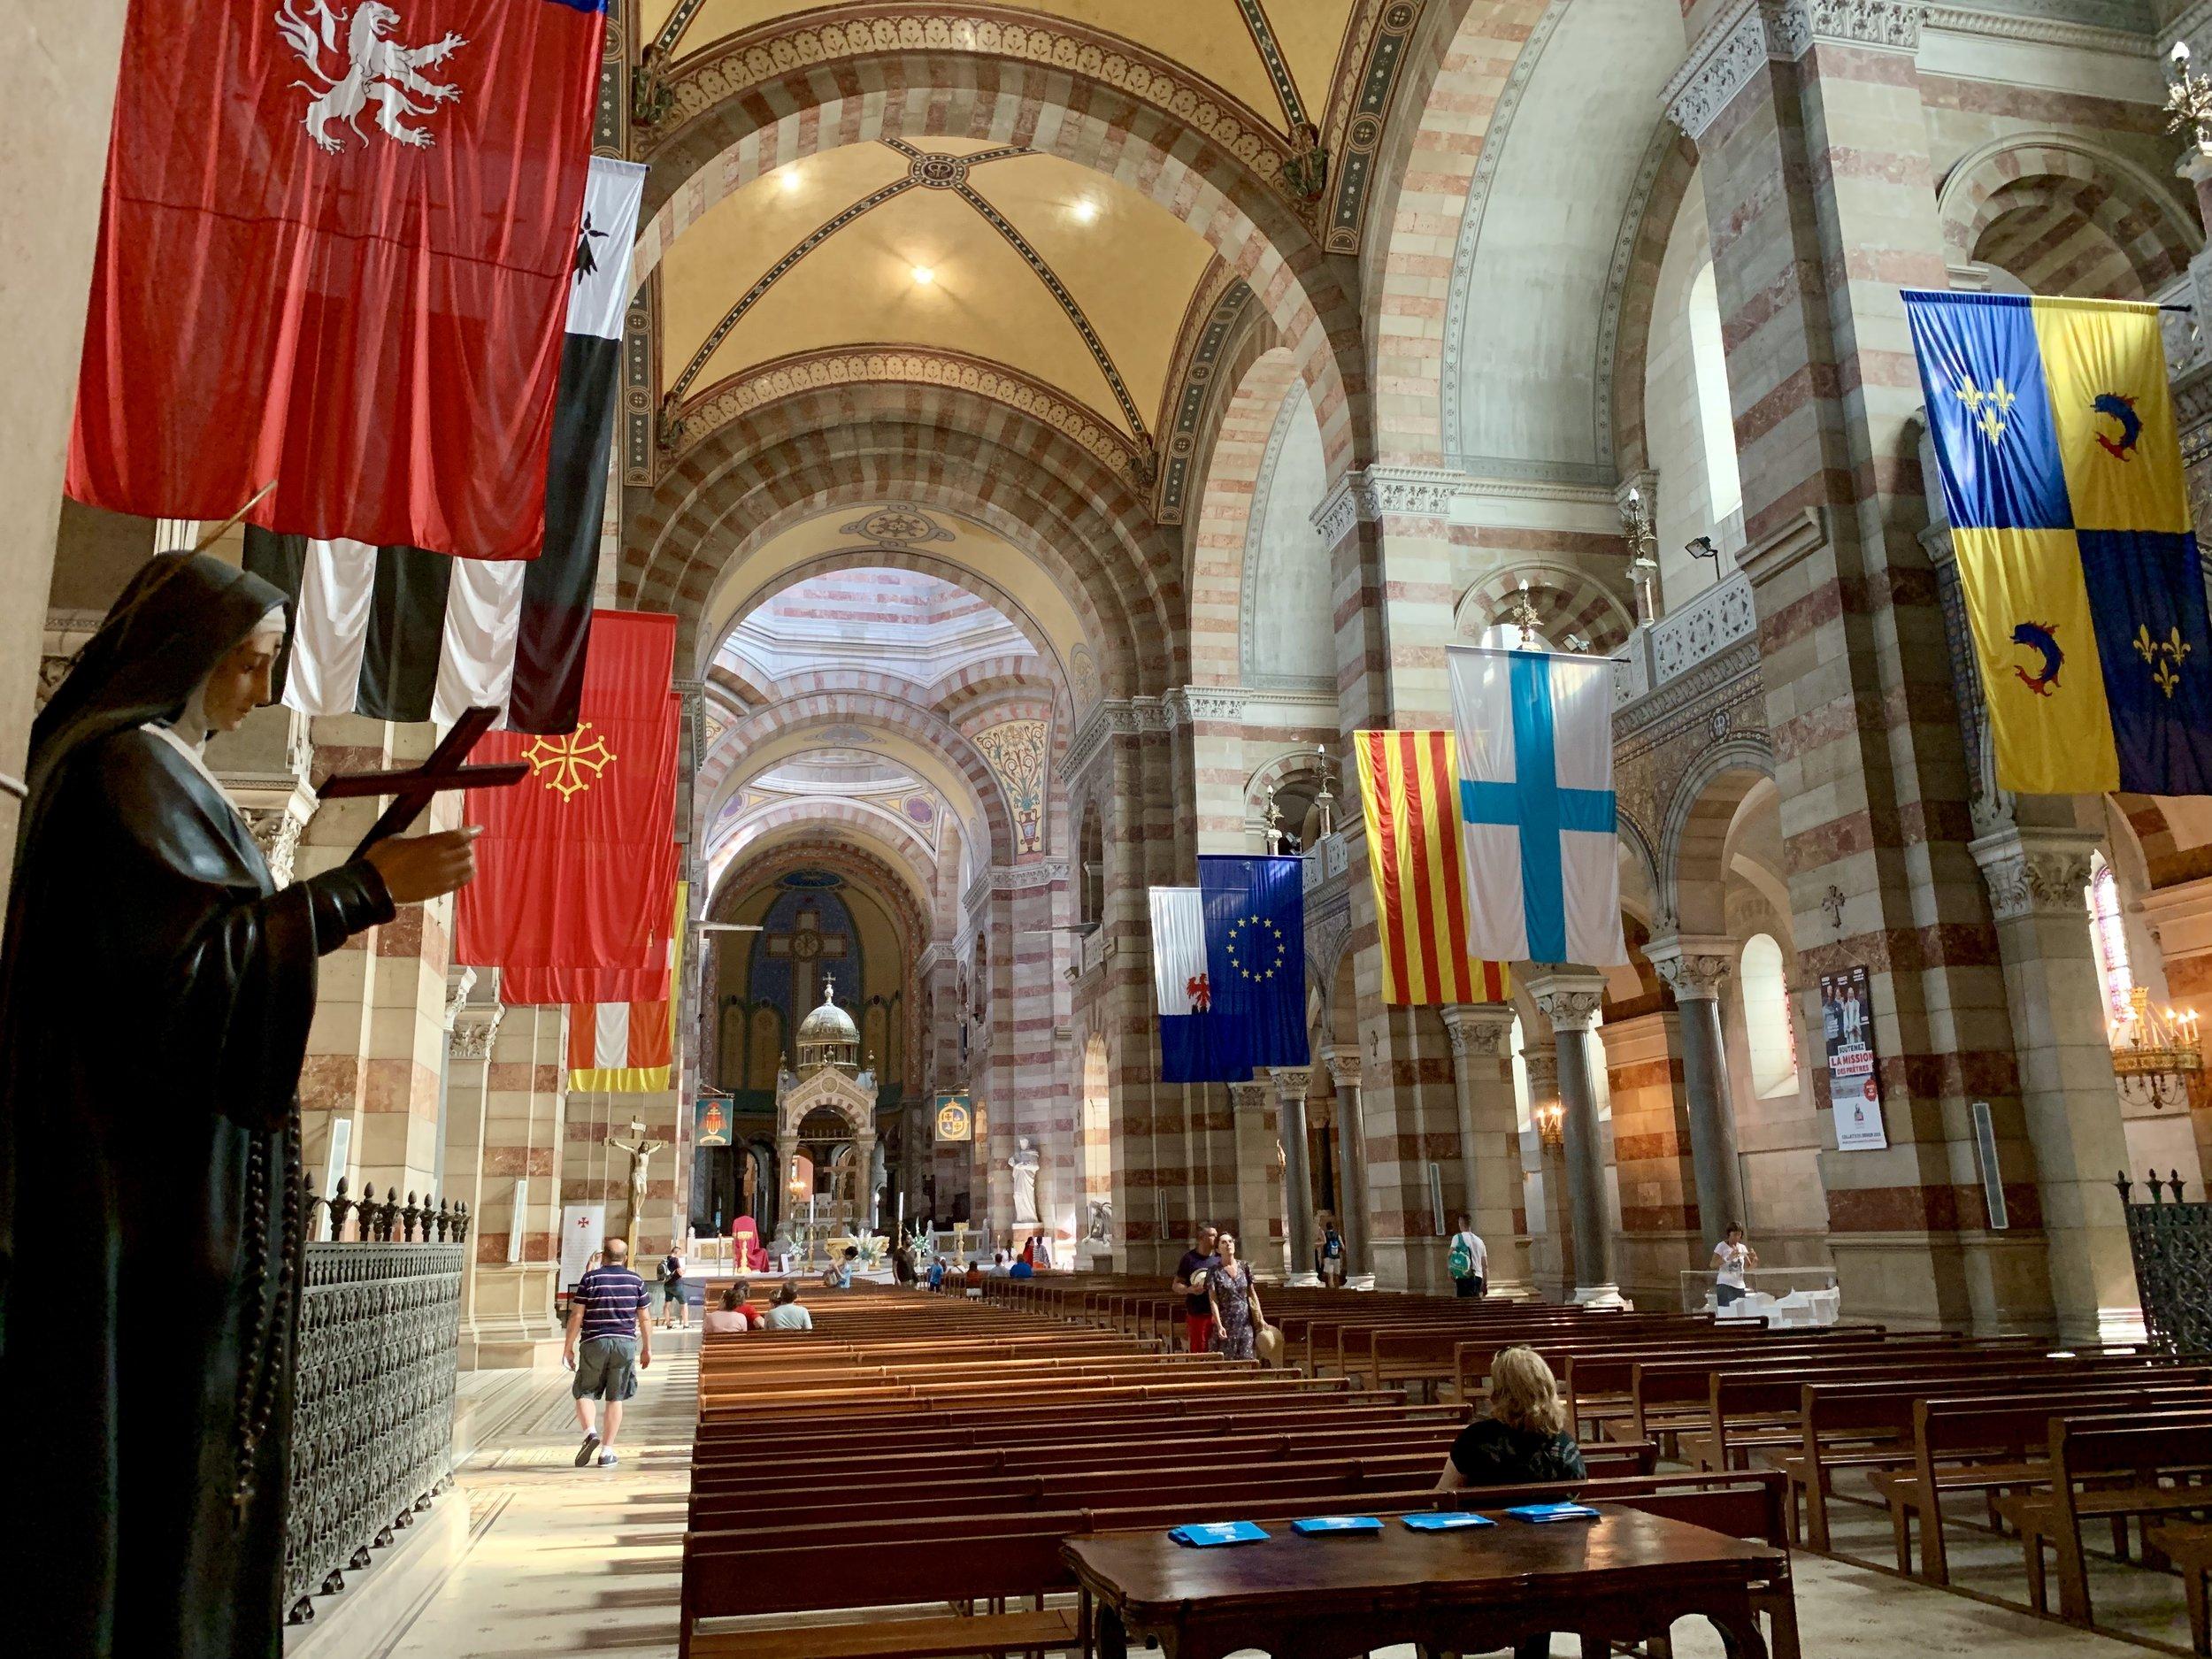 Cathedrale-de-la-Major-Marseille-3.jpg